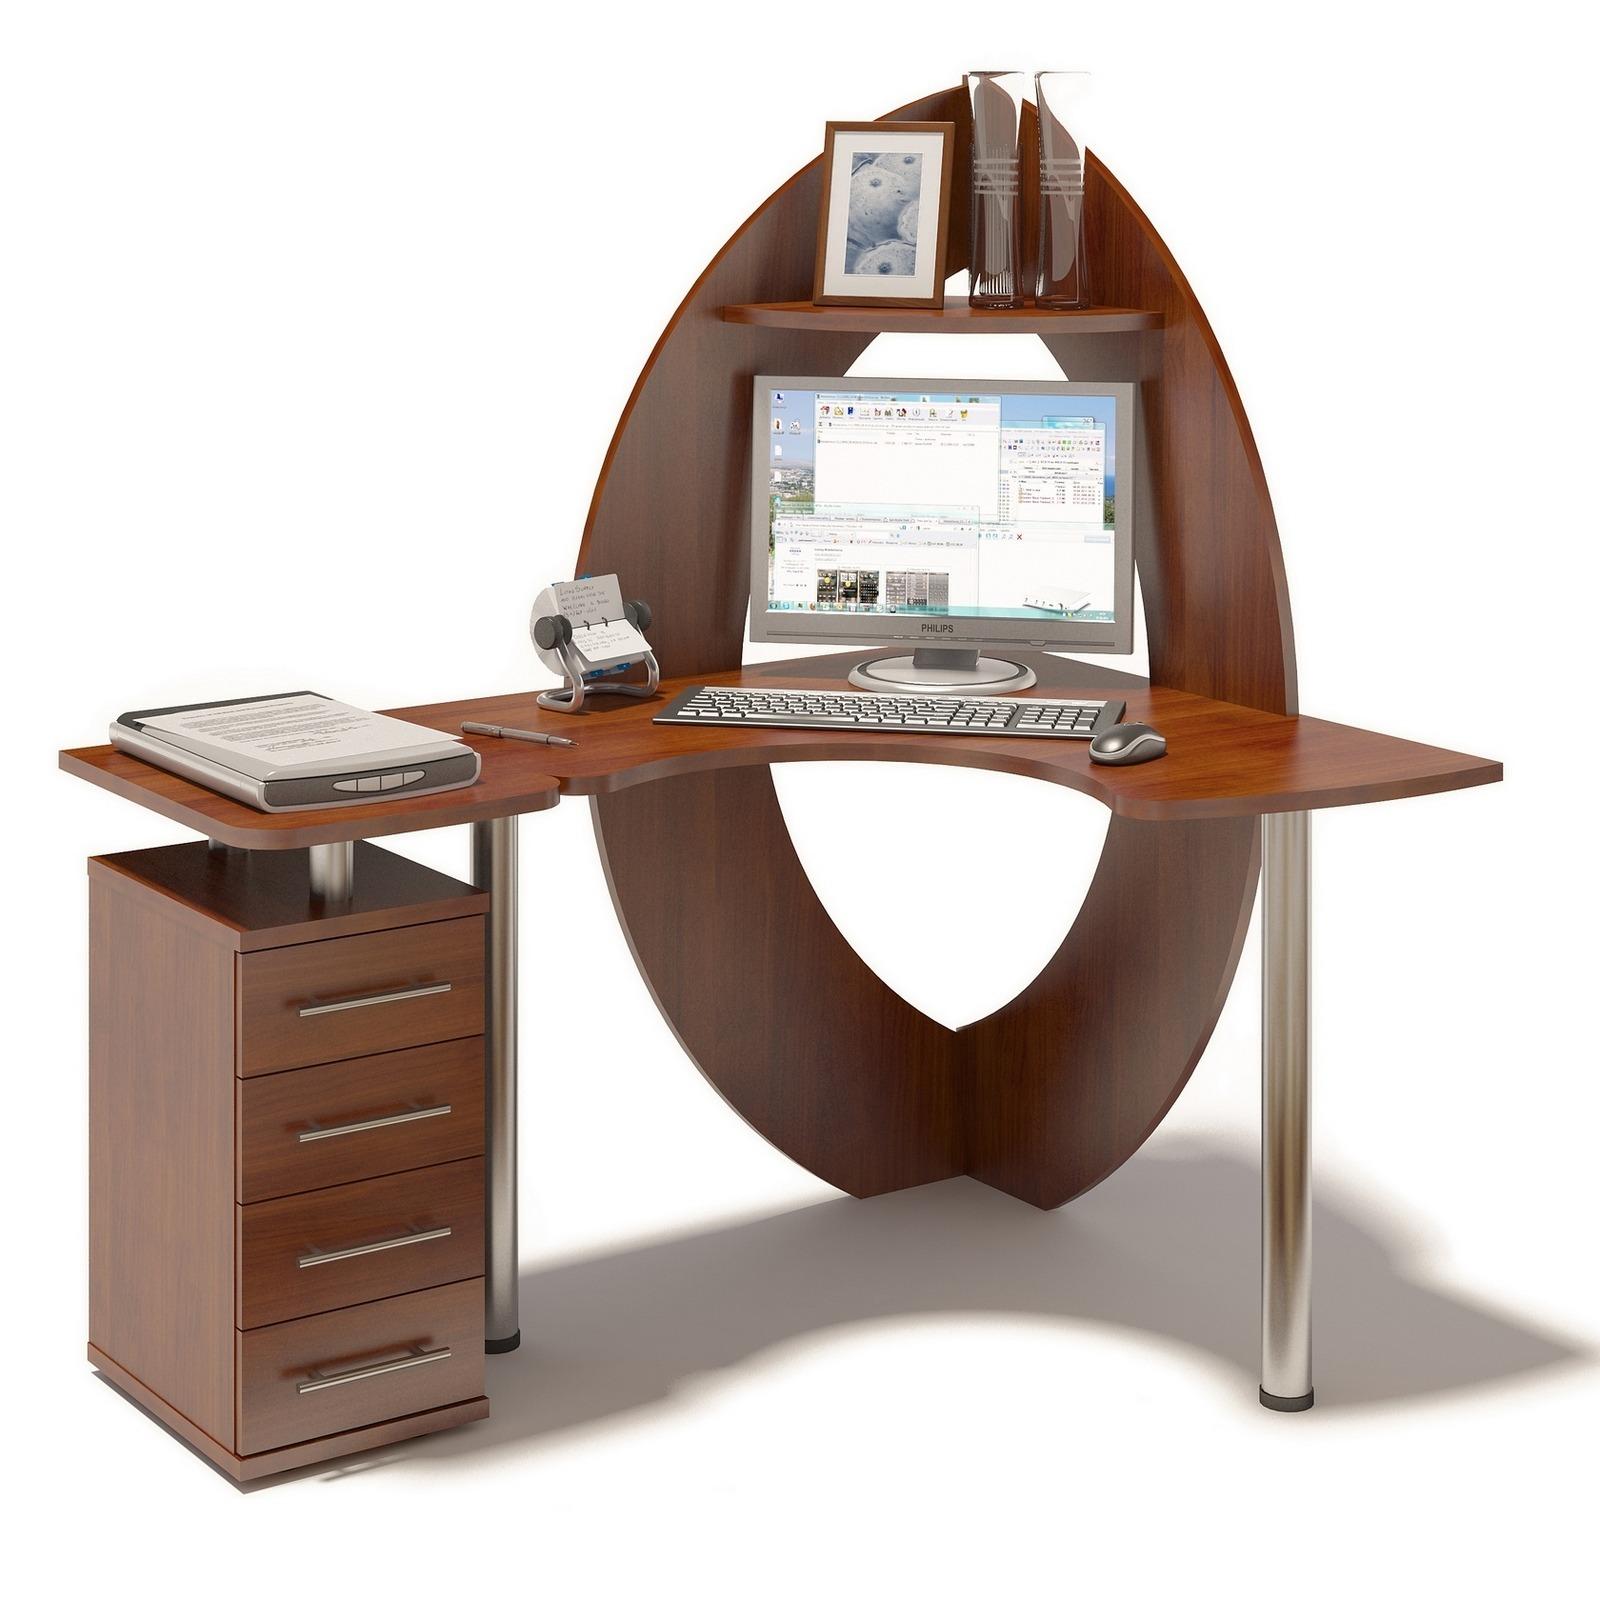 Угловой компьютерный стол кст-101+кт-101 купить за 12 200 ру.